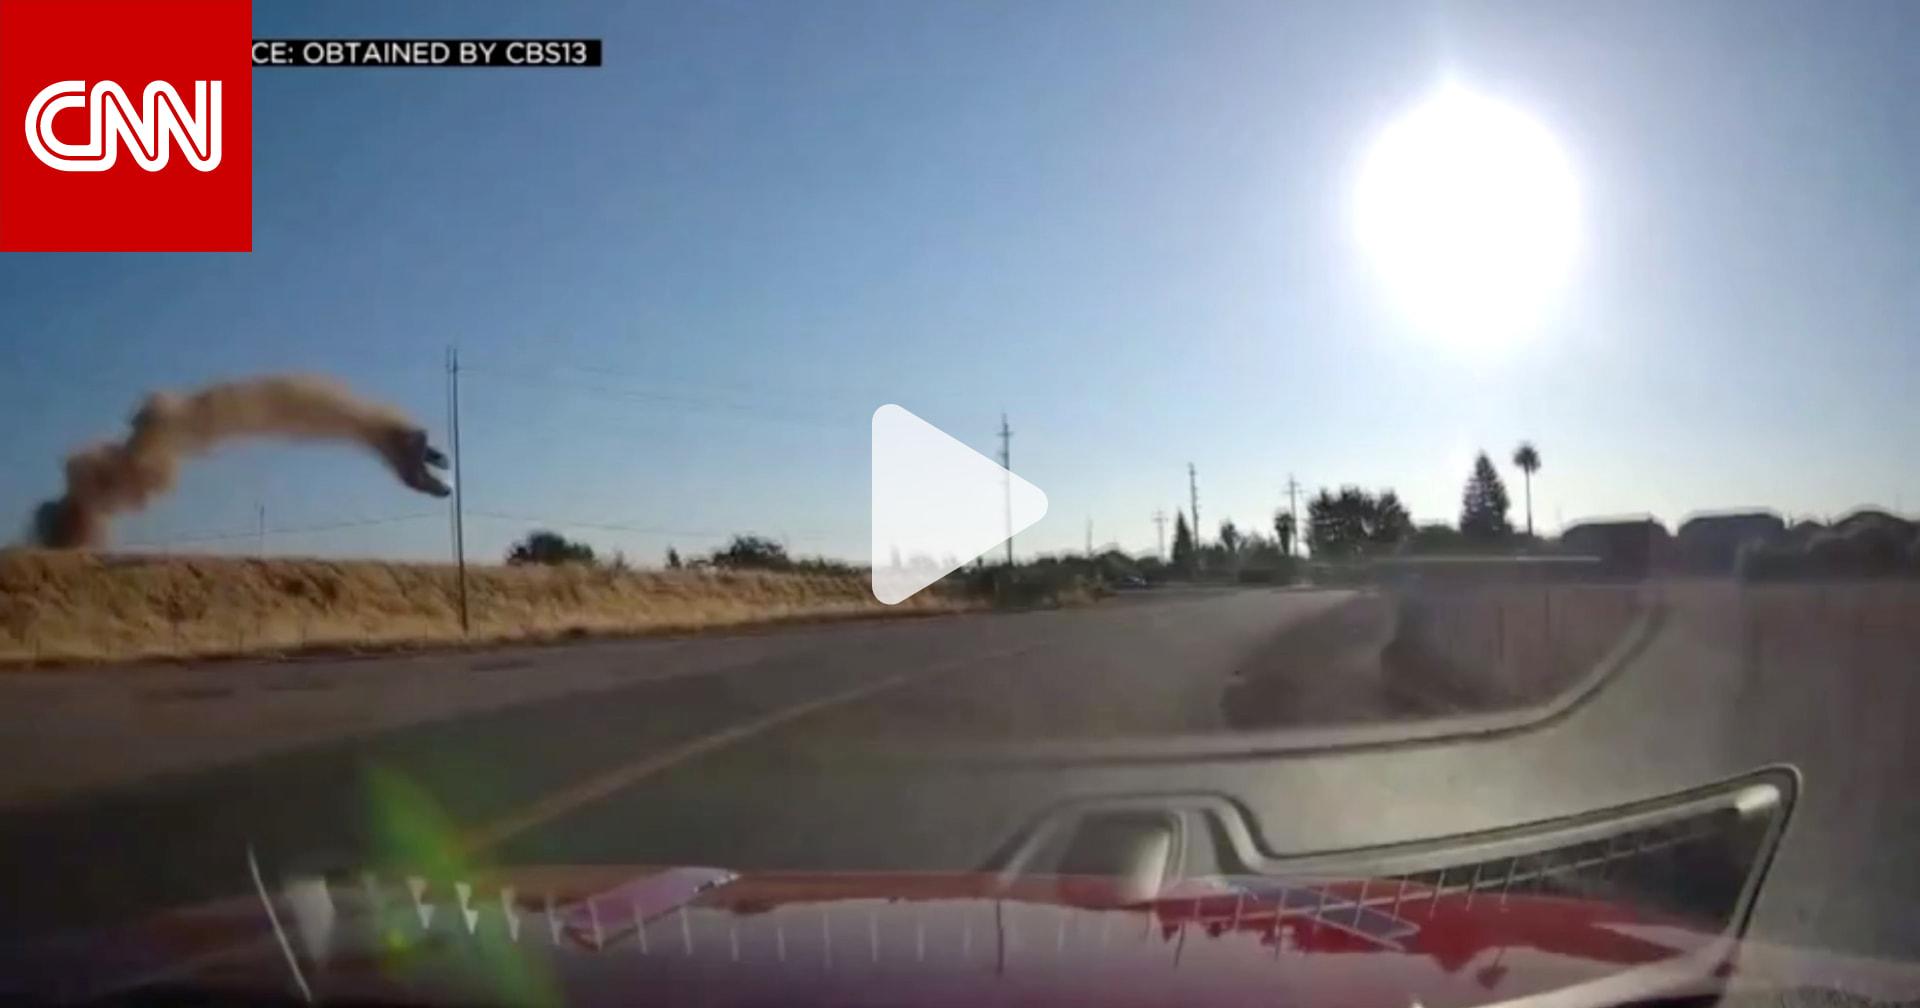 شاهد.. سيارة مُحلقة في الهواء تثير الذعر على طريق سريع